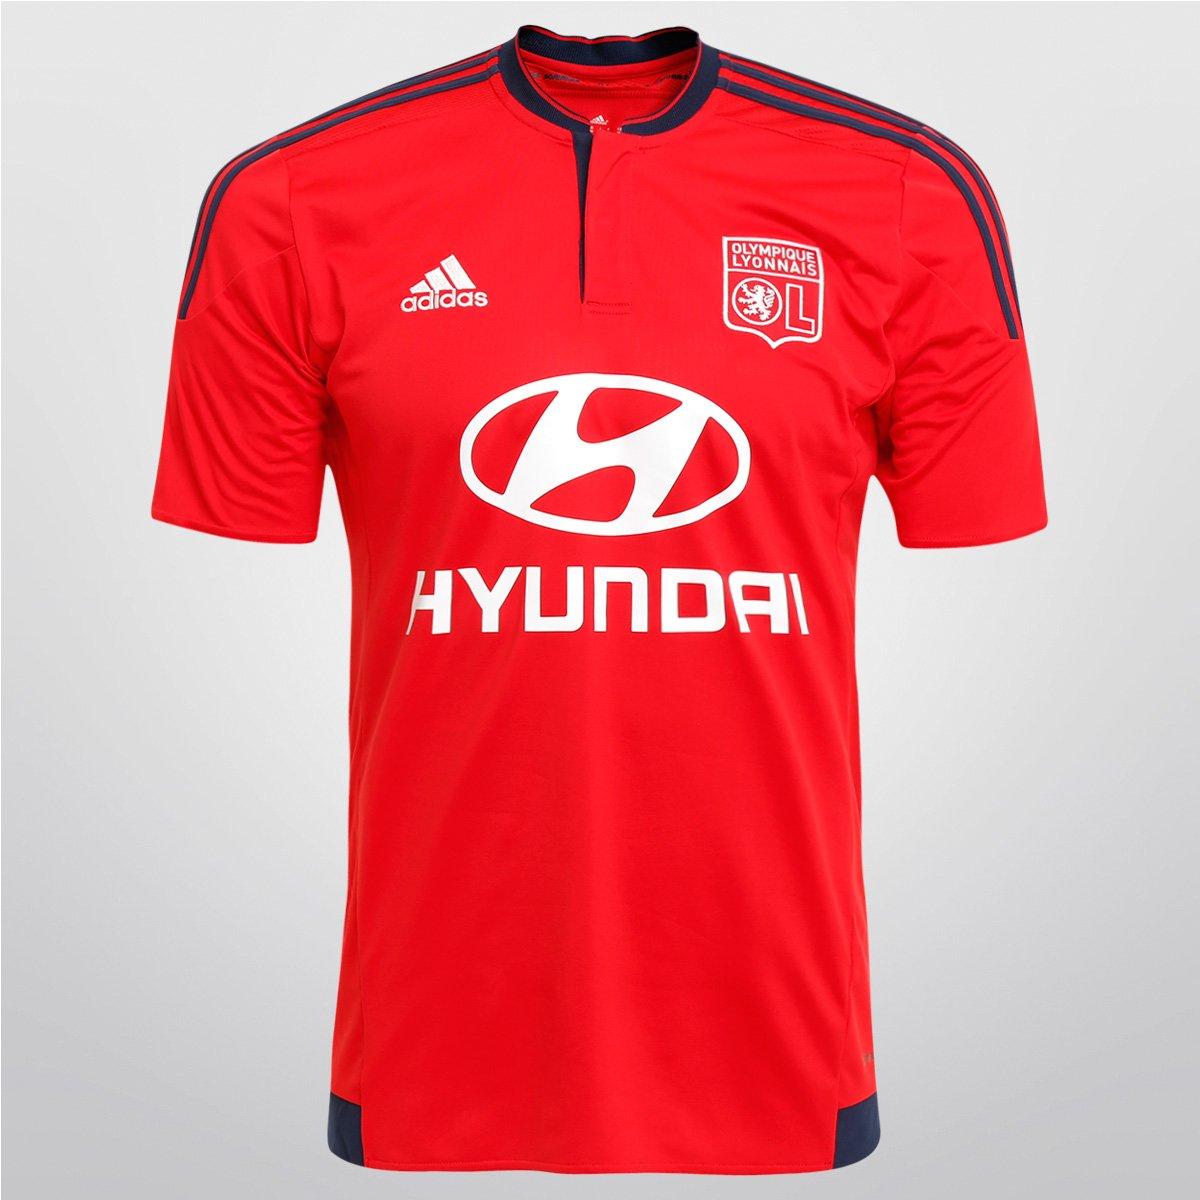 Camisa Adidas Lyon Away 15 16 s nº - Compre Agora  5f2db11c43991